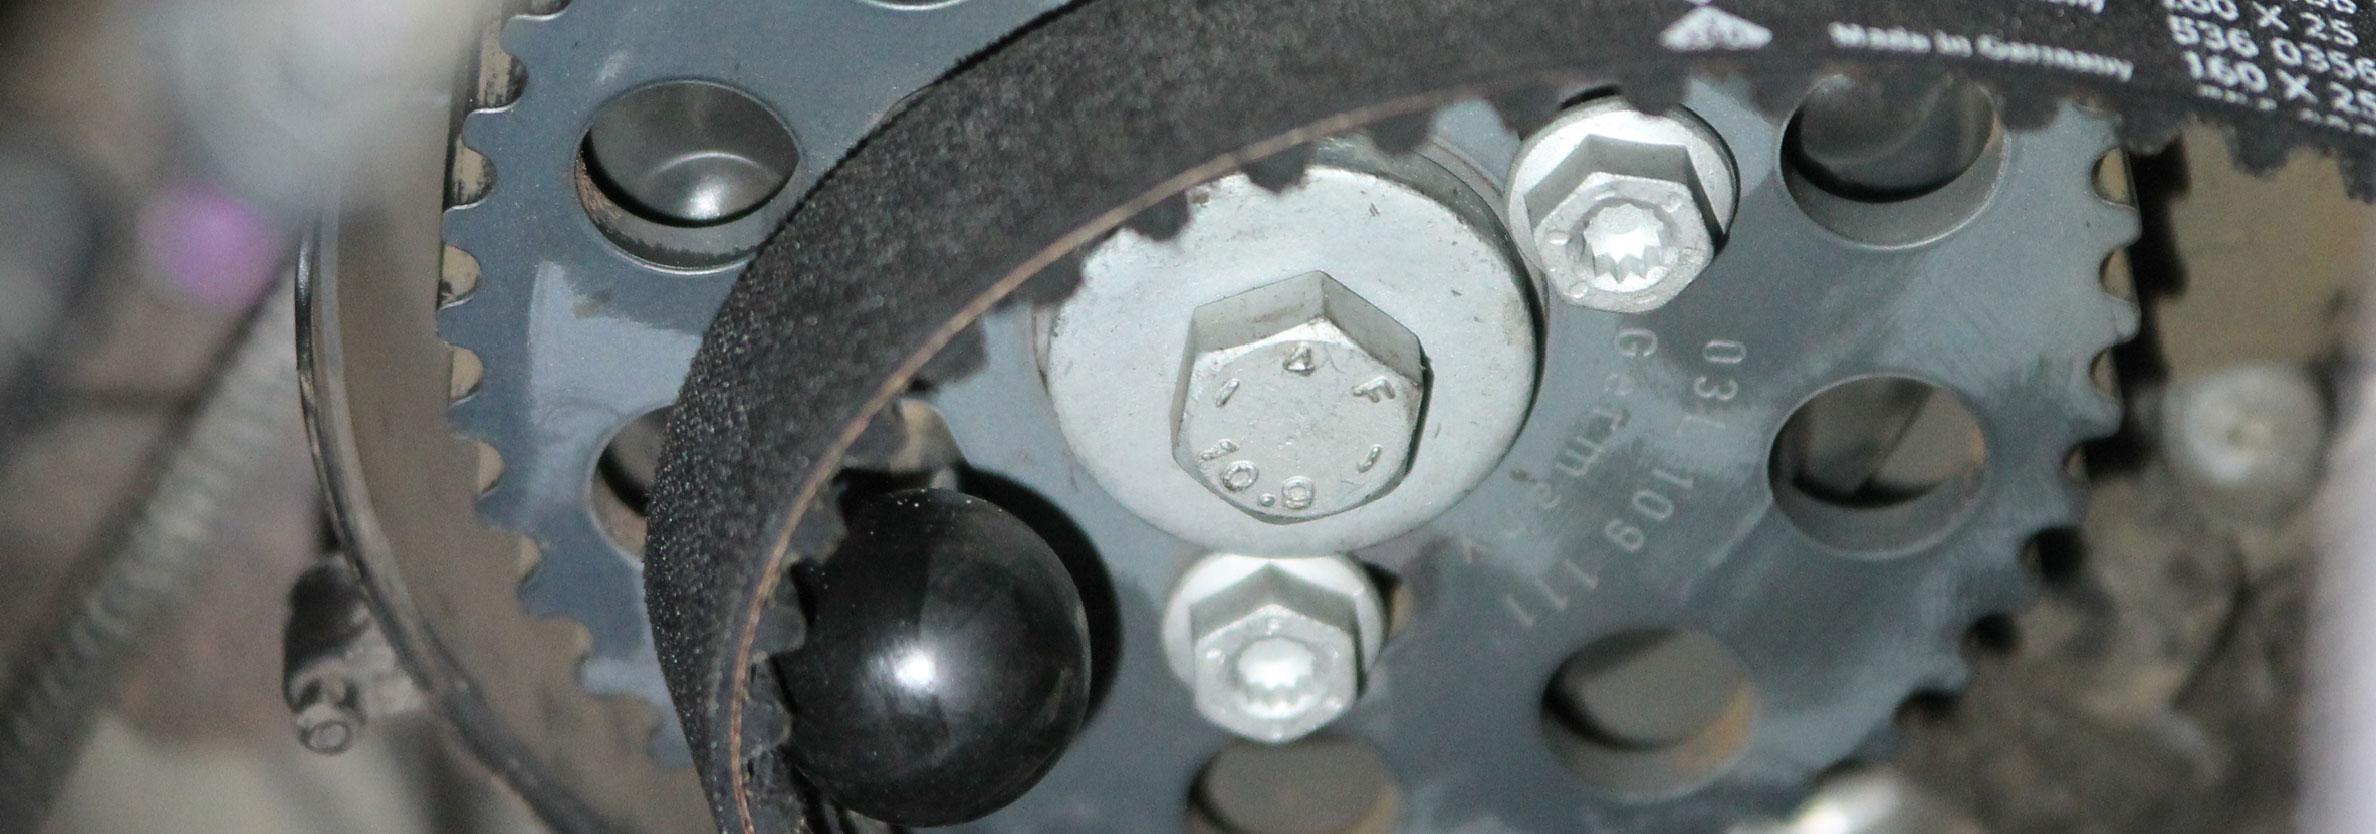 Очередная замена ремня ГРМ. Теперь на Каравелле с мотором 2.0 TDI